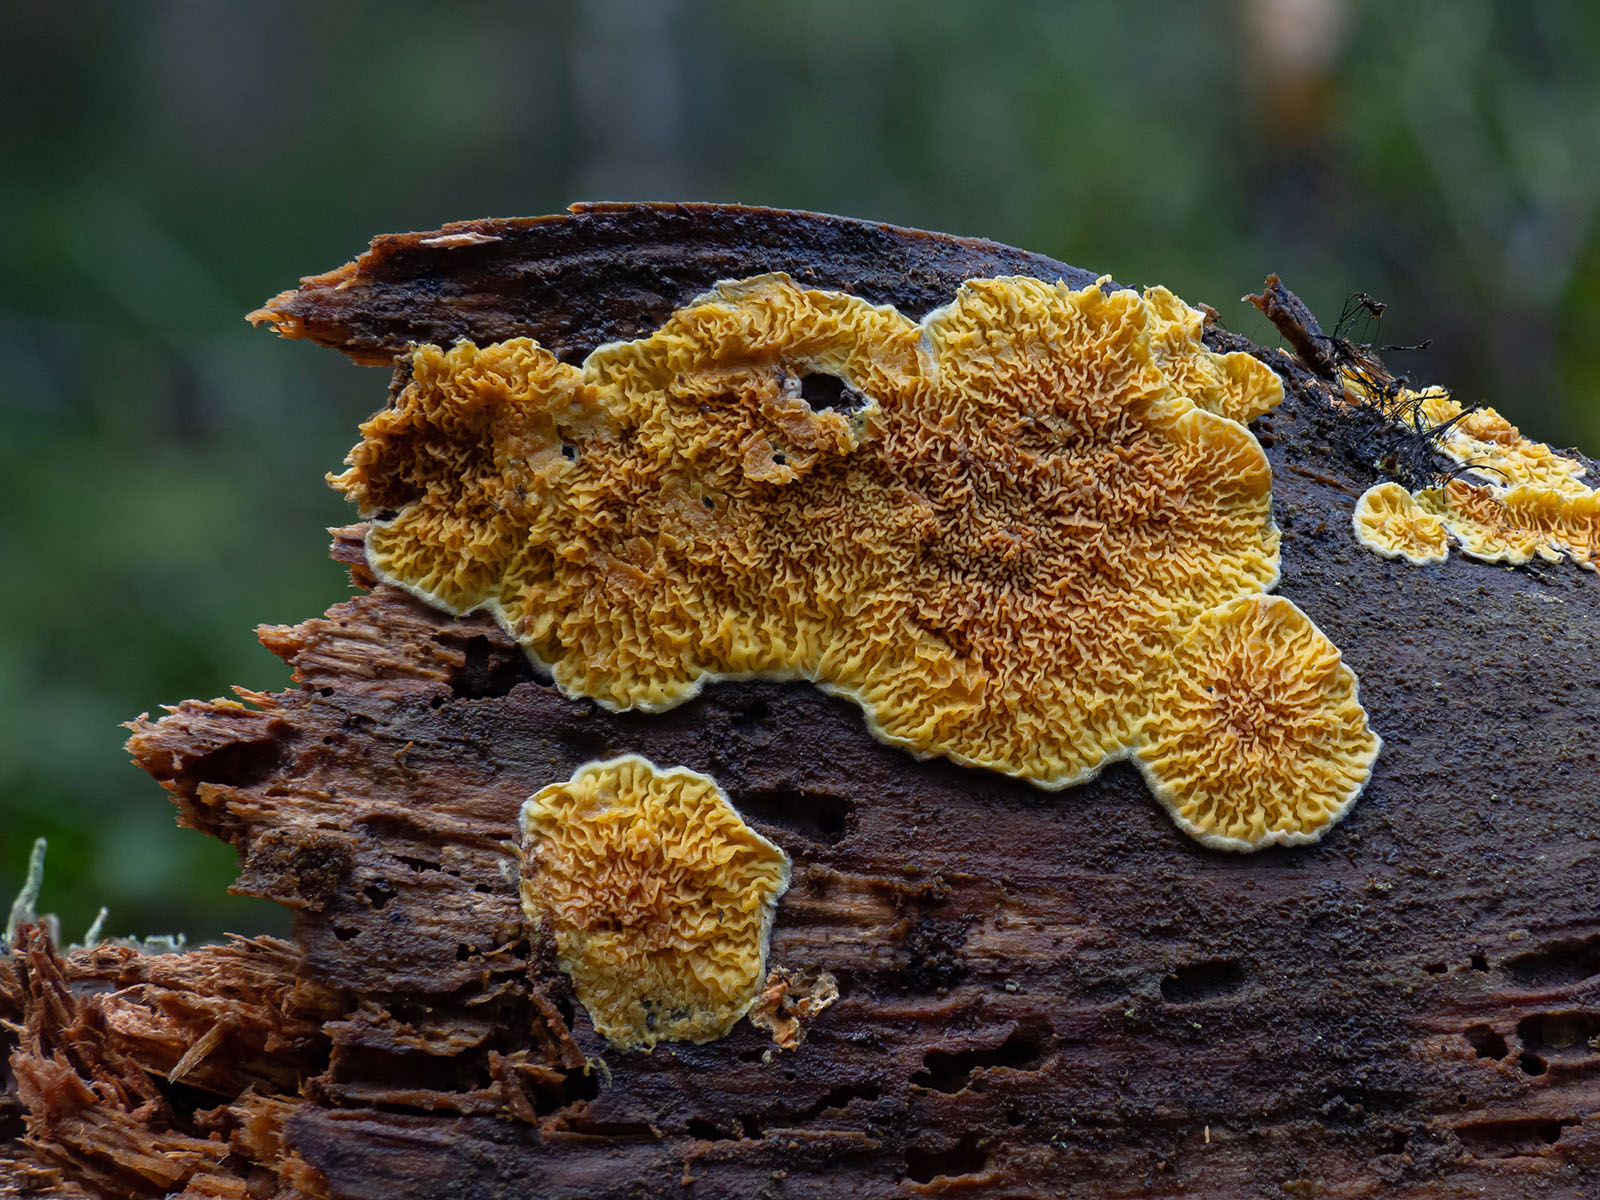 Псевдомерулиус золотистый (Pseudomerulius aureus). Автор фото: Сутормина Марина